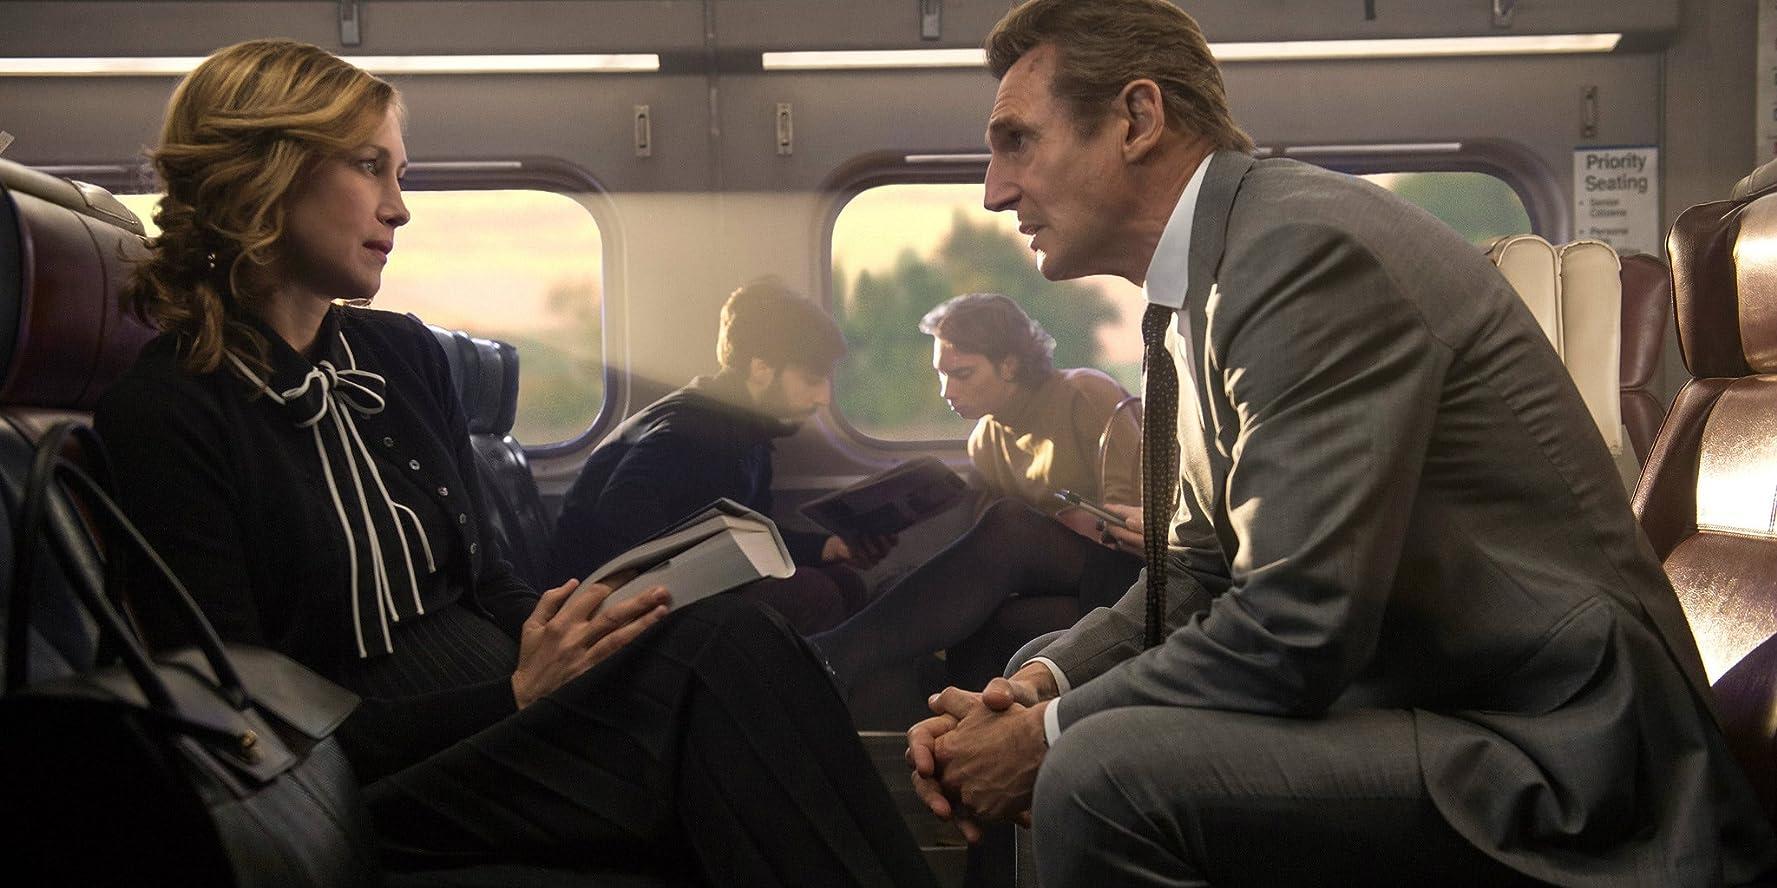 Liam Neeson and Vera Farmiga in The Commuter (2018)